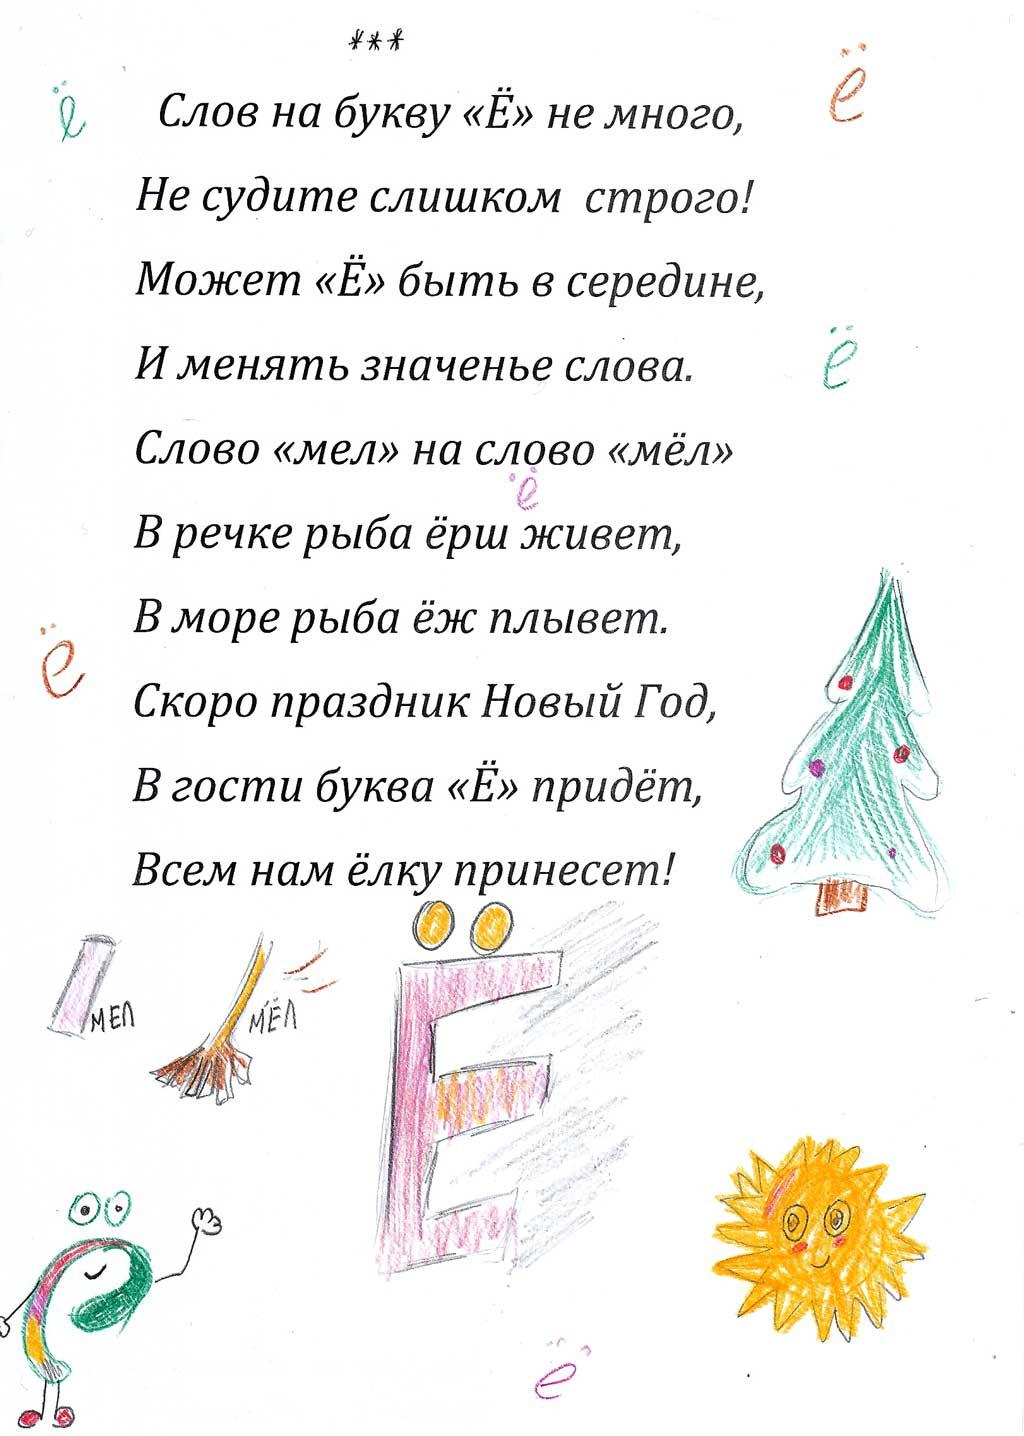 Работа Шкурат Александры, г. Батайск